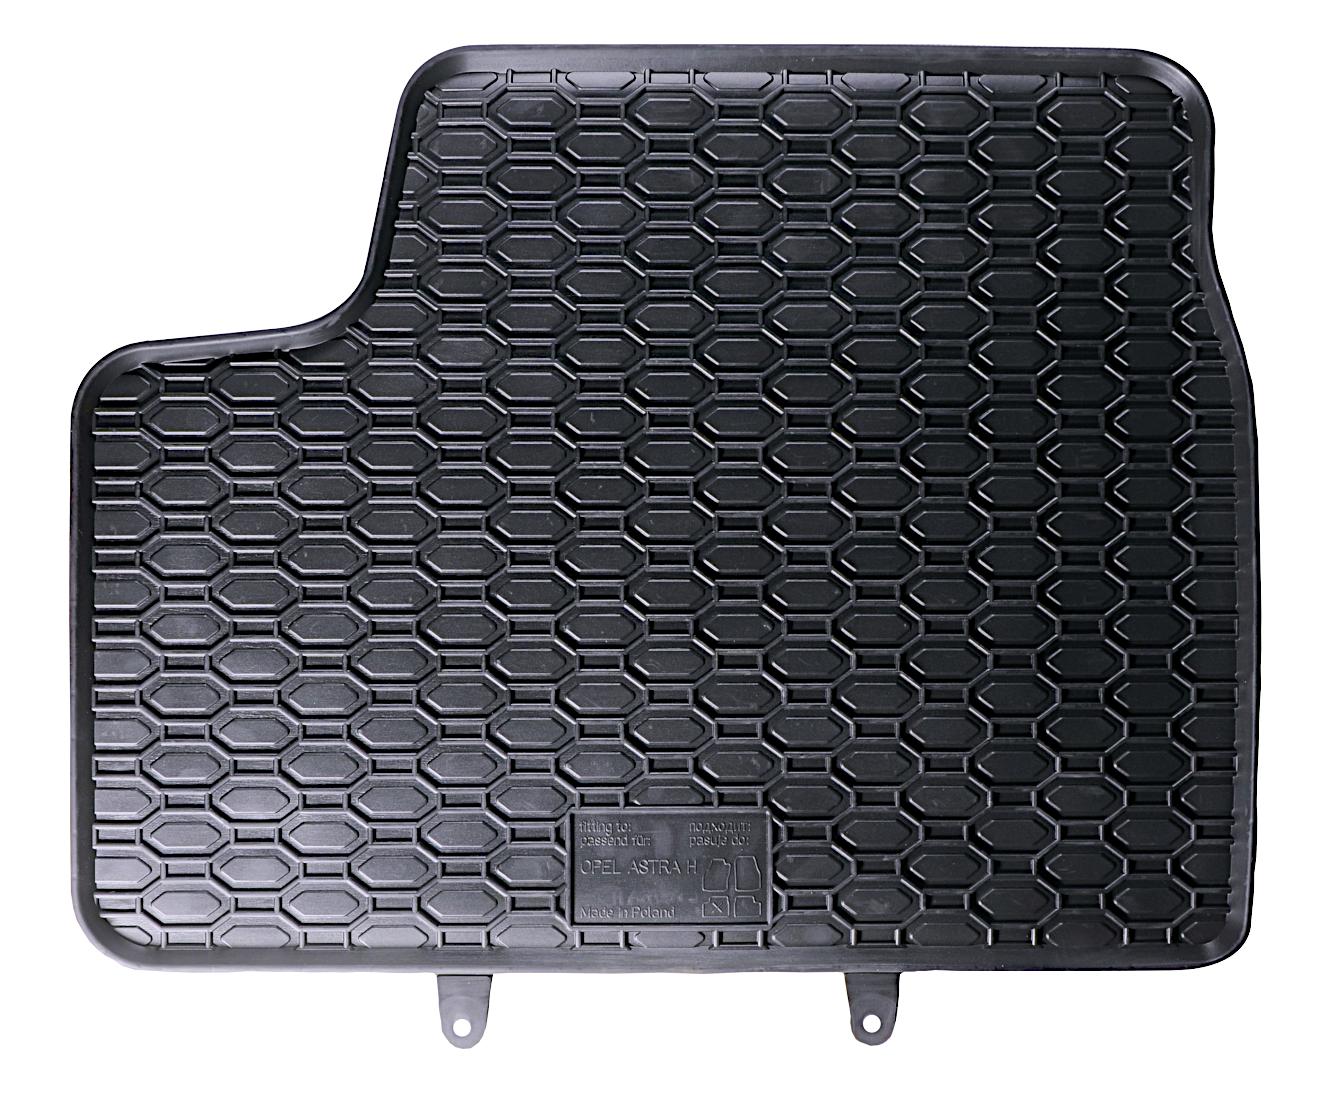 Caoutchouc Tapis caoutchouc Tapis de sol Jeu Opel Astra H 2 Pièces avant entièrement Compatible